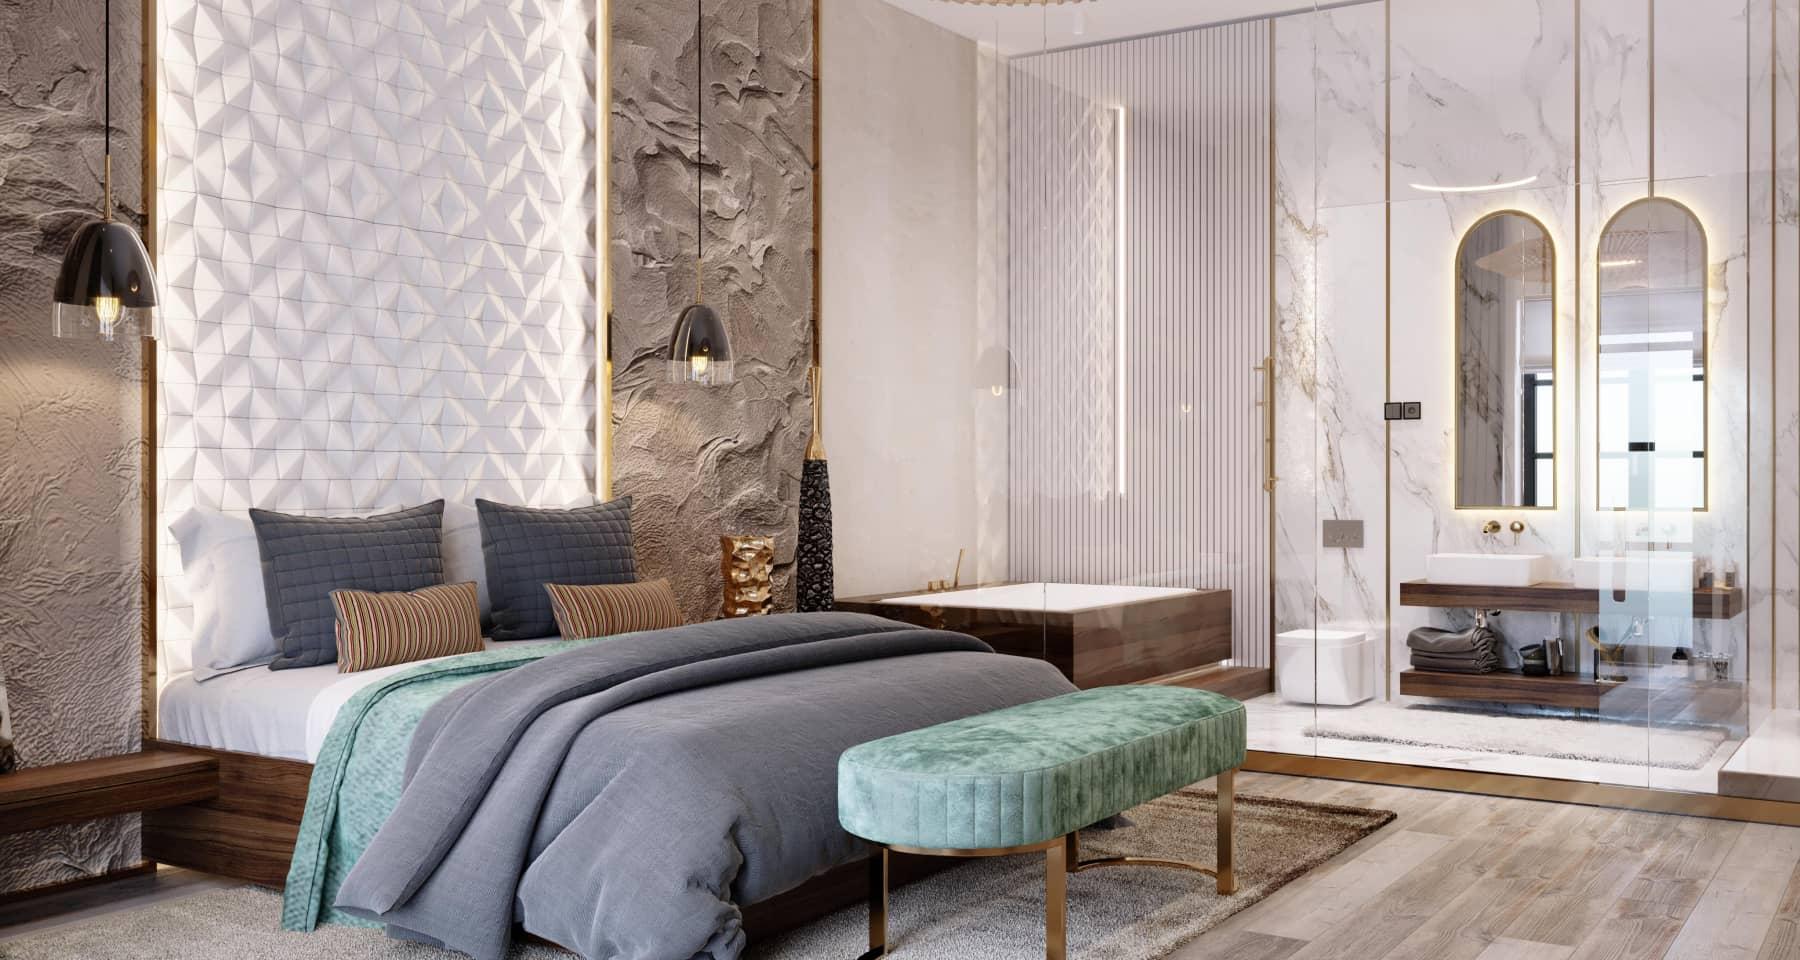 Дизайн ванной при спальне в стиле японский минимализм